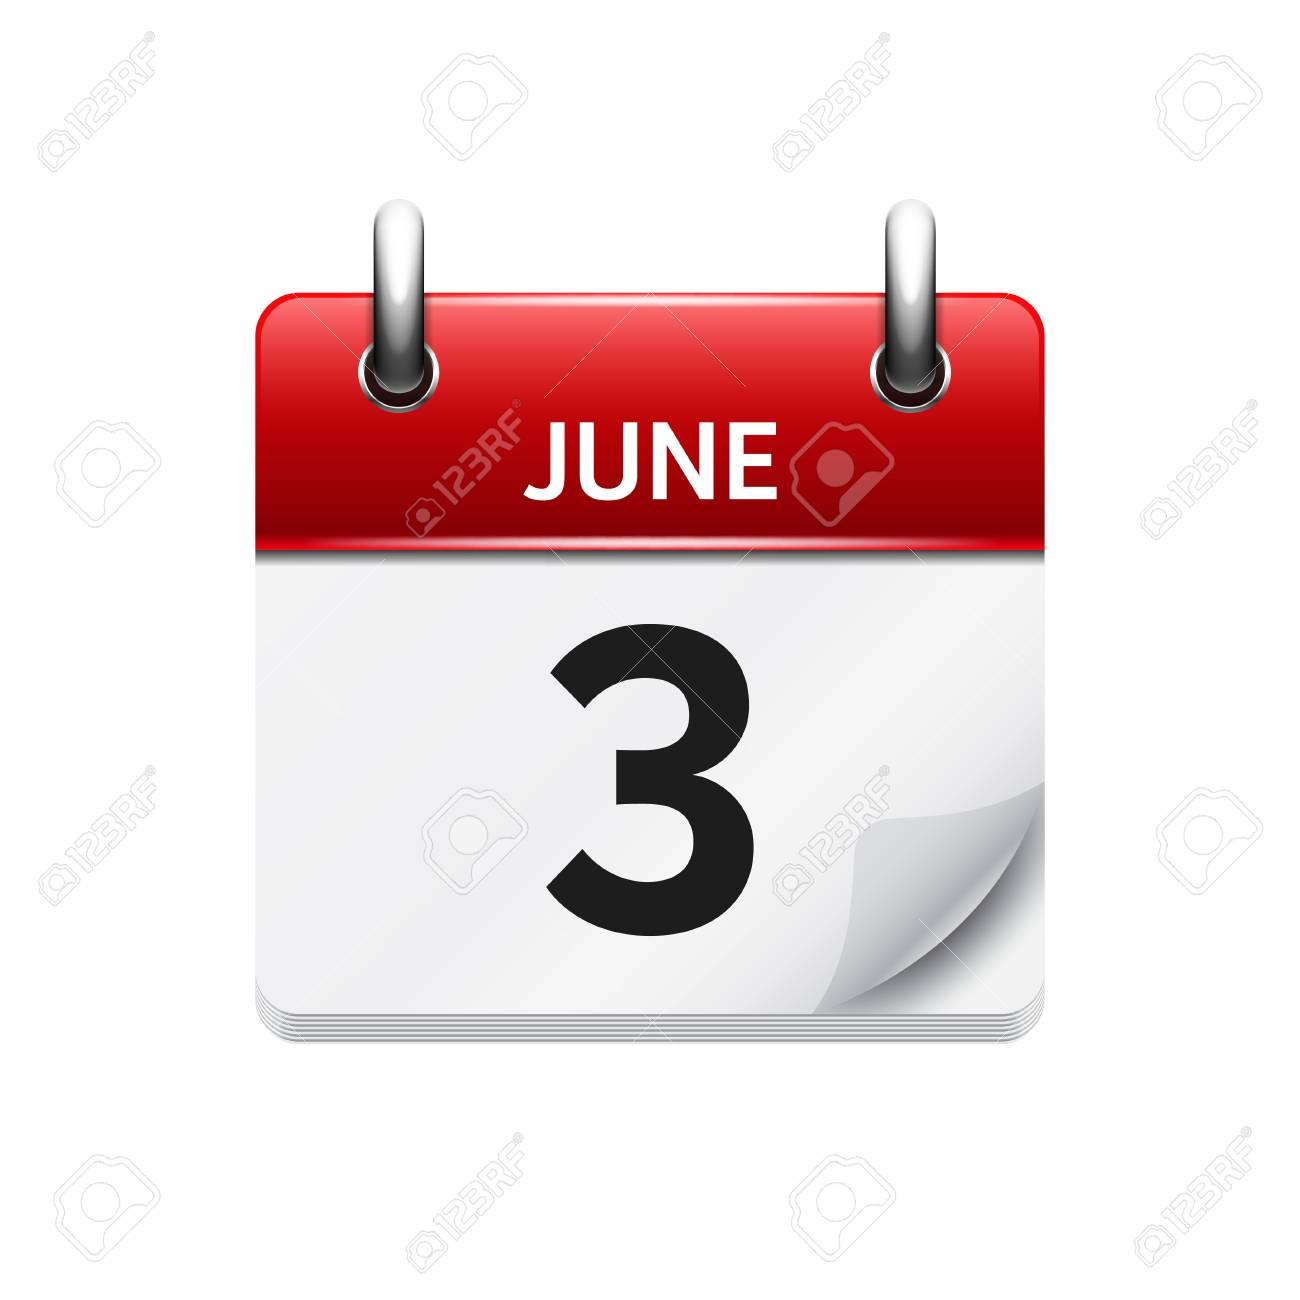 Calendario Vectores.3 De Junio Vector Plana Icono De Calendario Diario Fecha Y Hora Dia Mes Fiesta